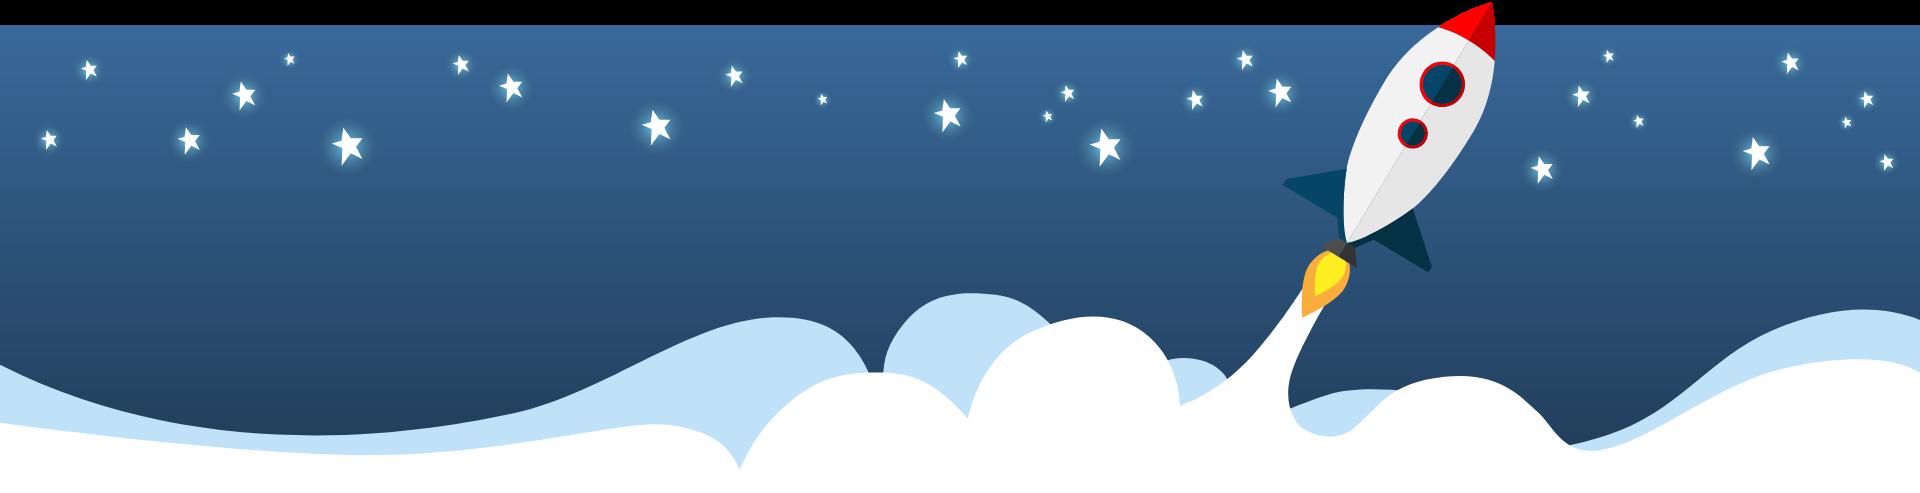 Hero banner desktop